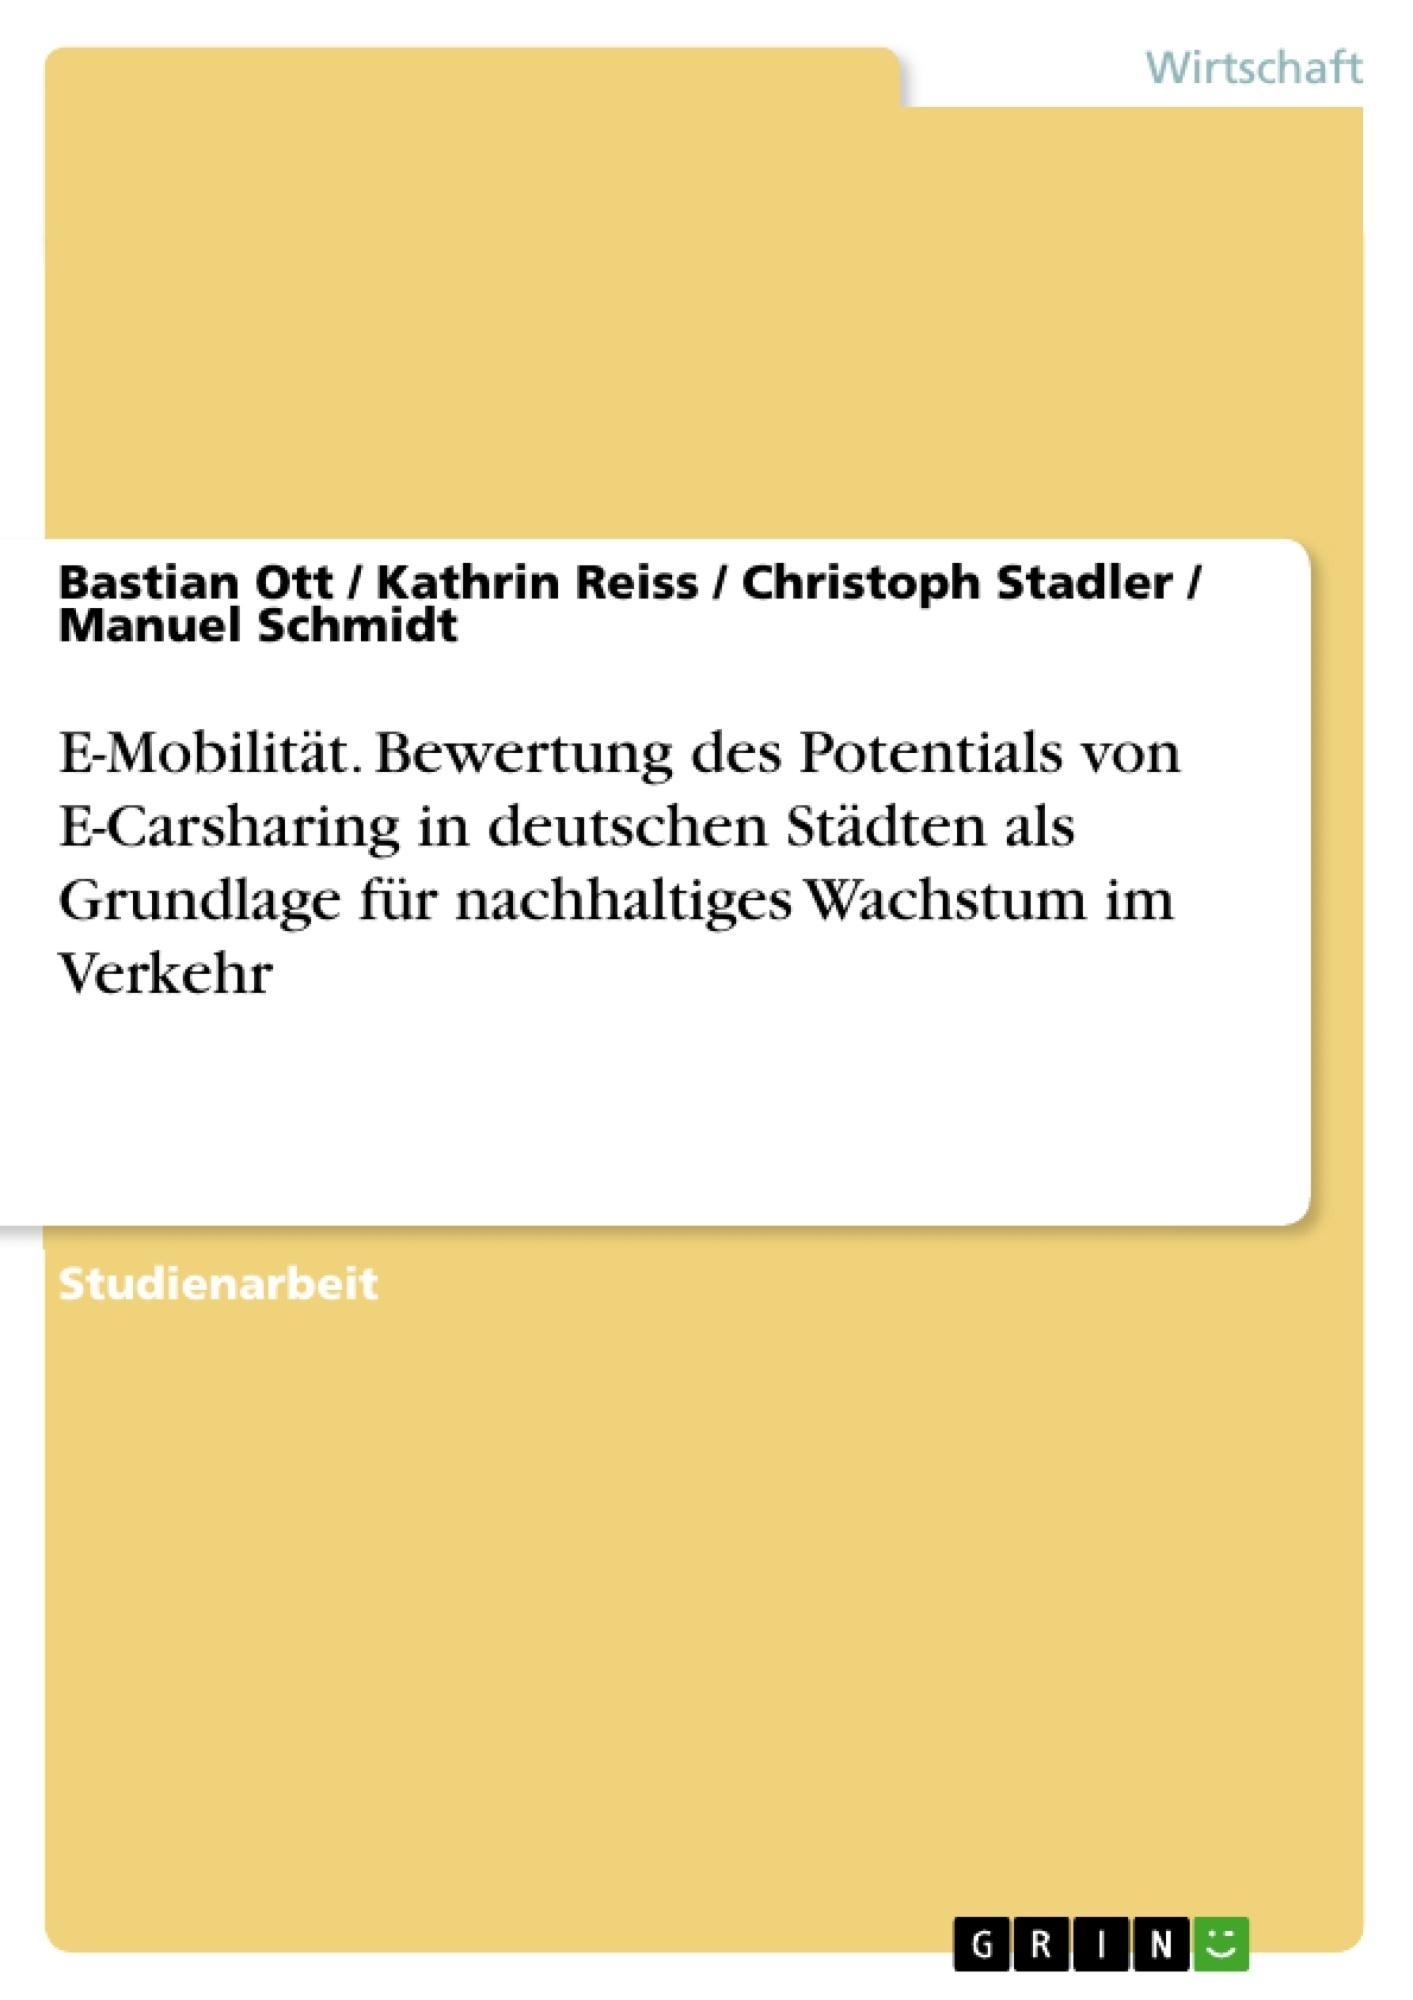 Titel: E-Mobilität. Bewertung des Potentials von E-Carsharing in deutschen Städten als Grundlage für nachhaltiges Wachstum im Verkehr